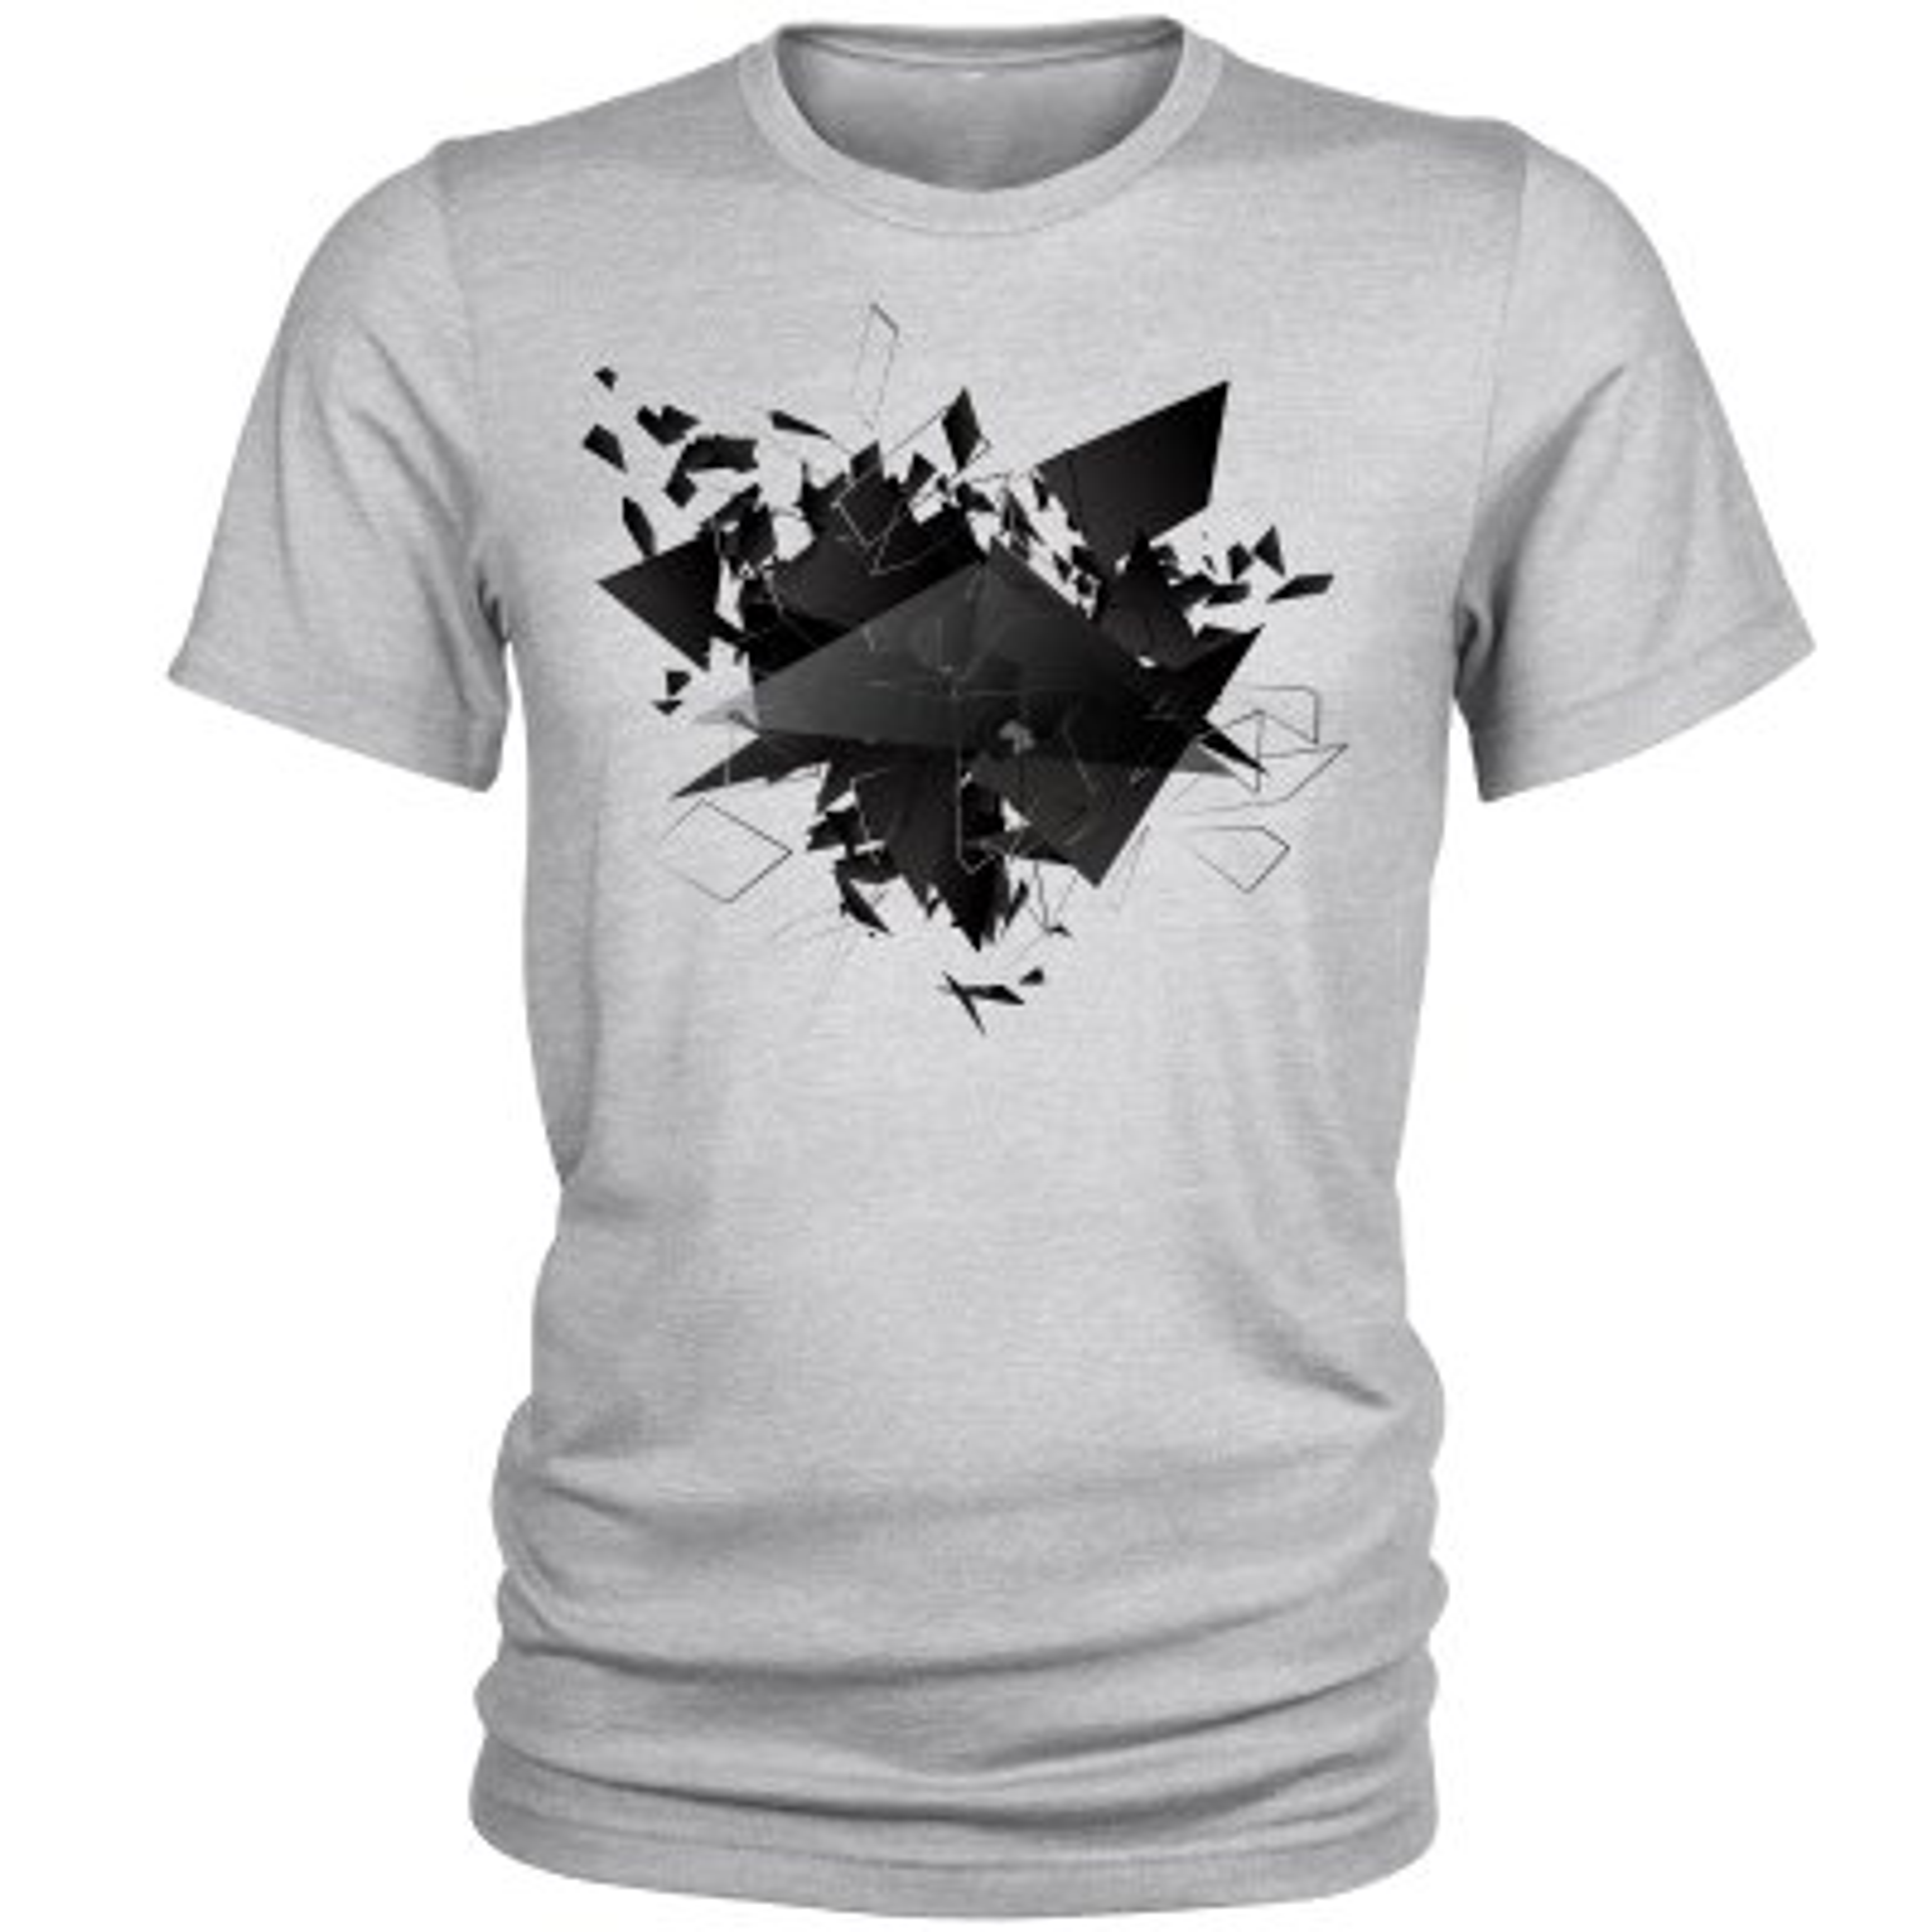 تصویر تی شرت مردانه کد B97